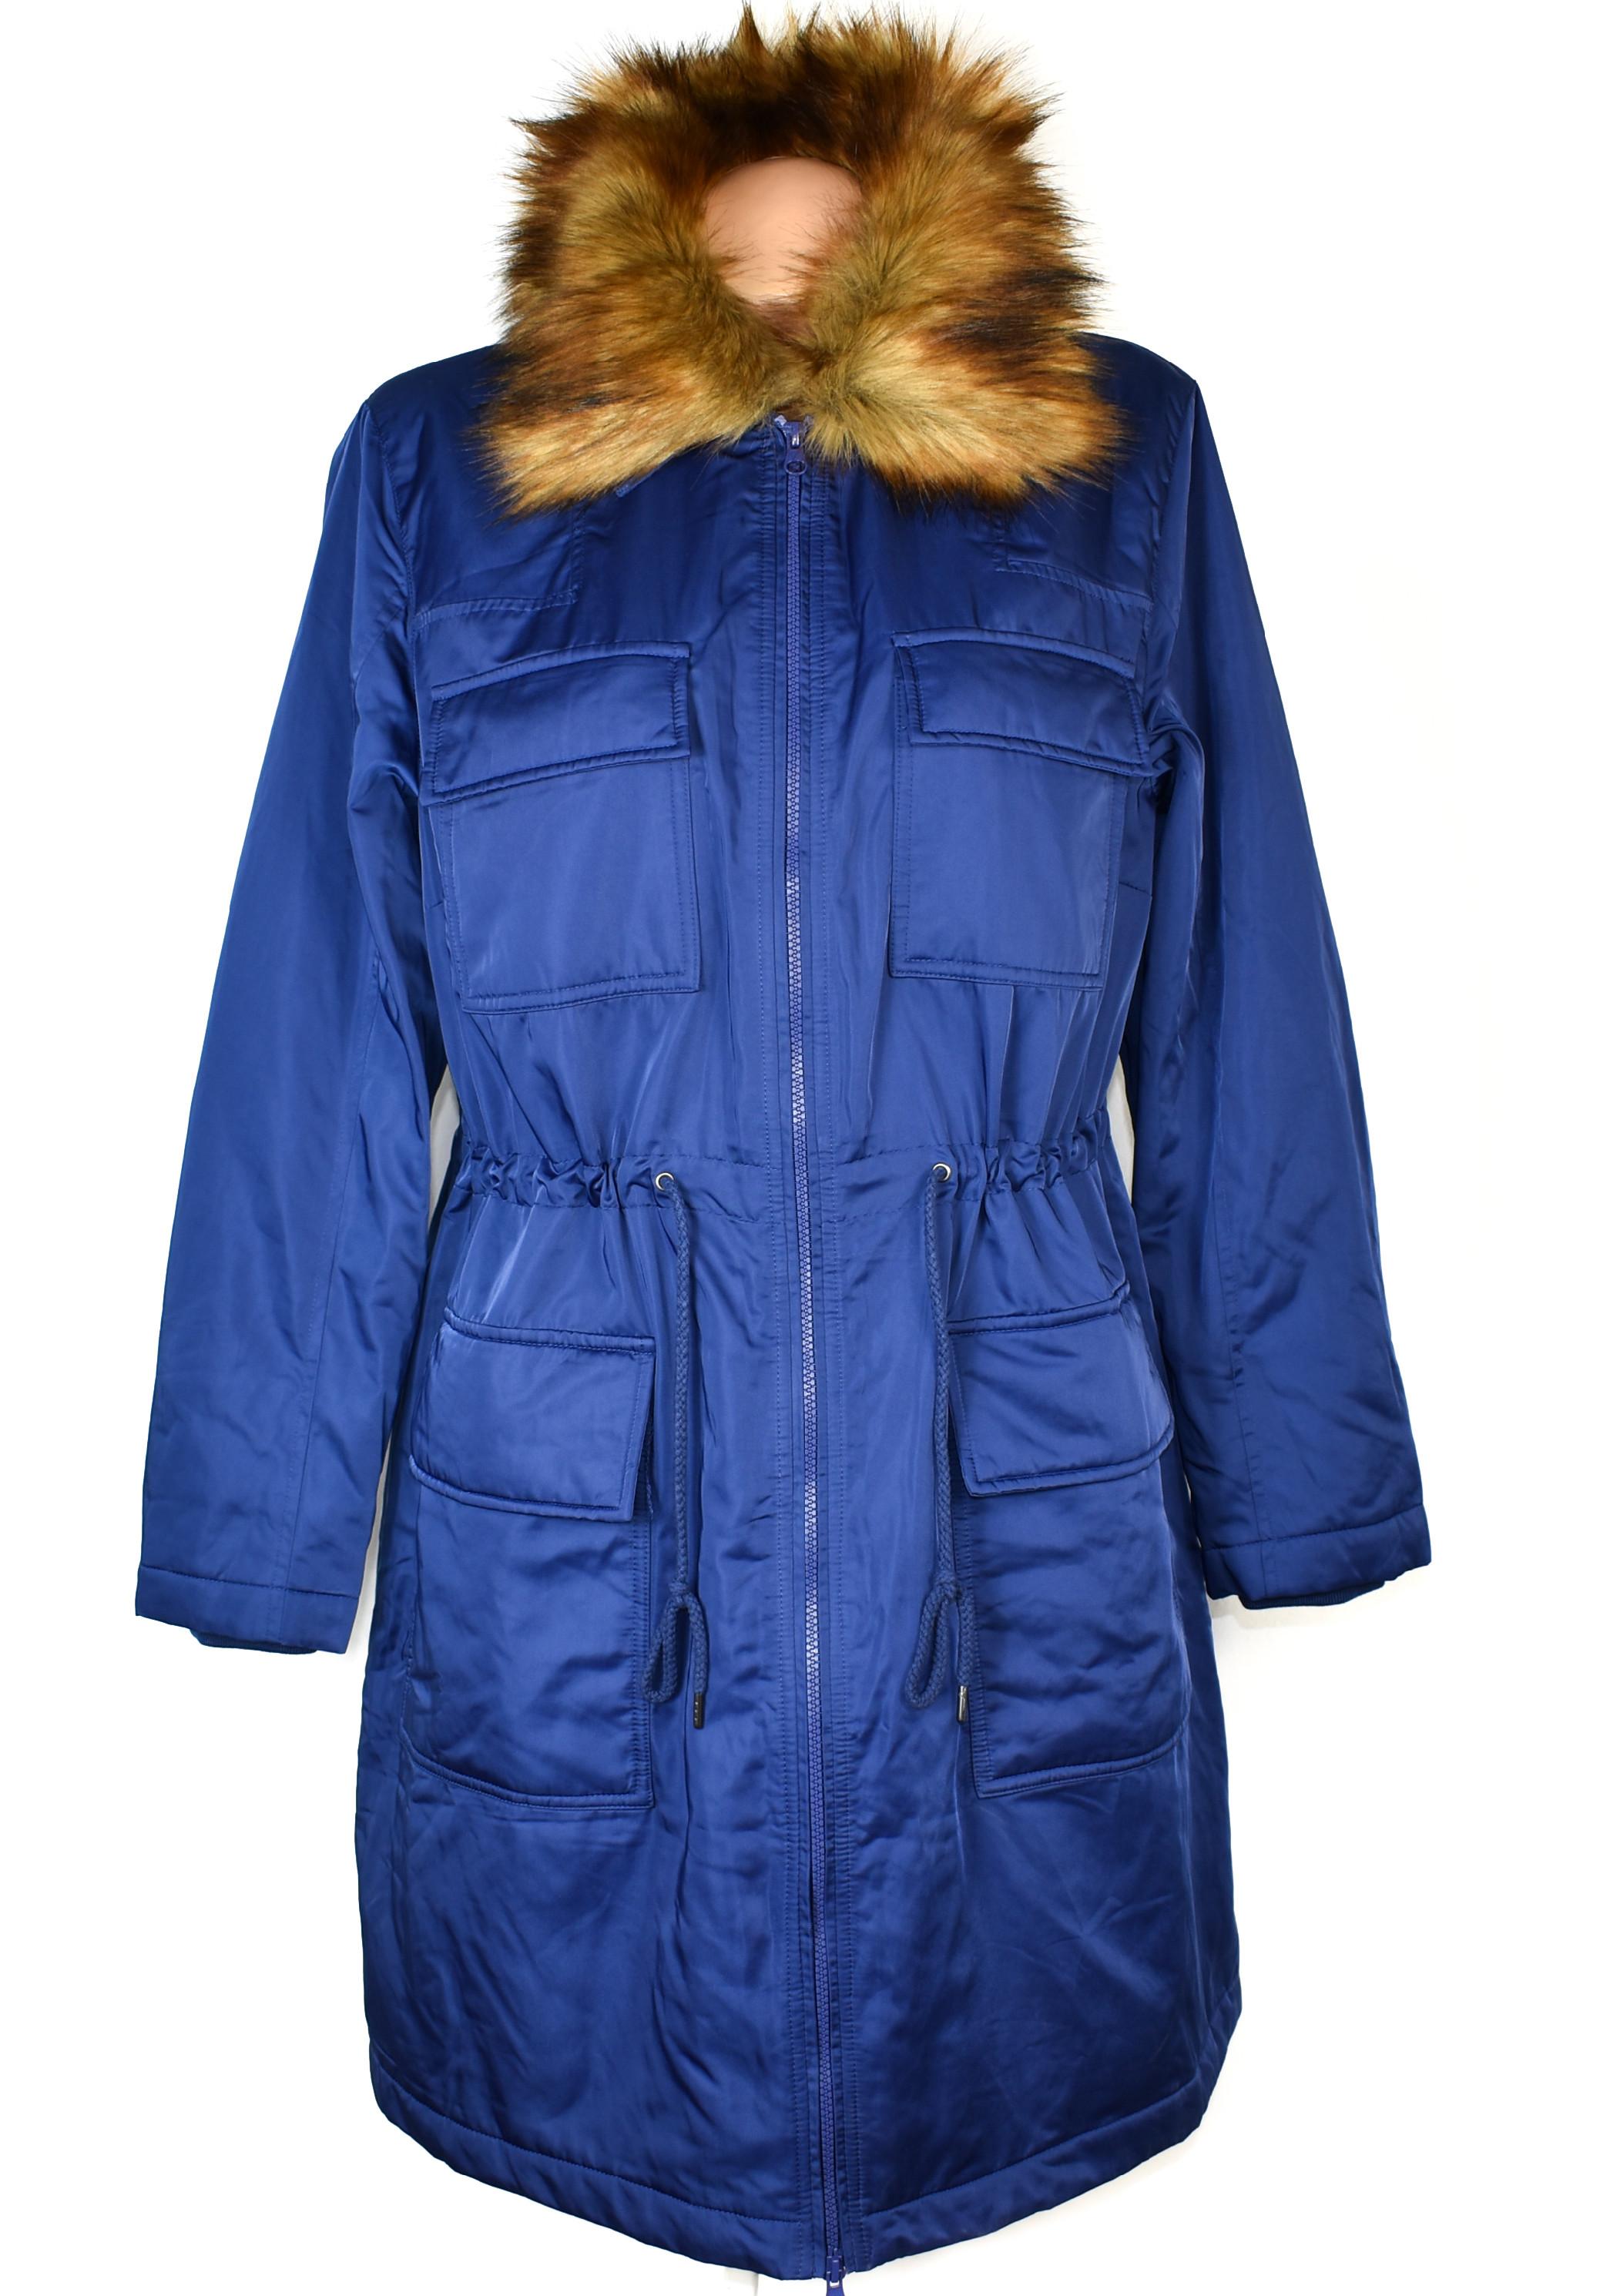 Dámský prošívaný královsky modrý zateplený kabát - parka s kožíškem BPC 18/44 - s visačkou